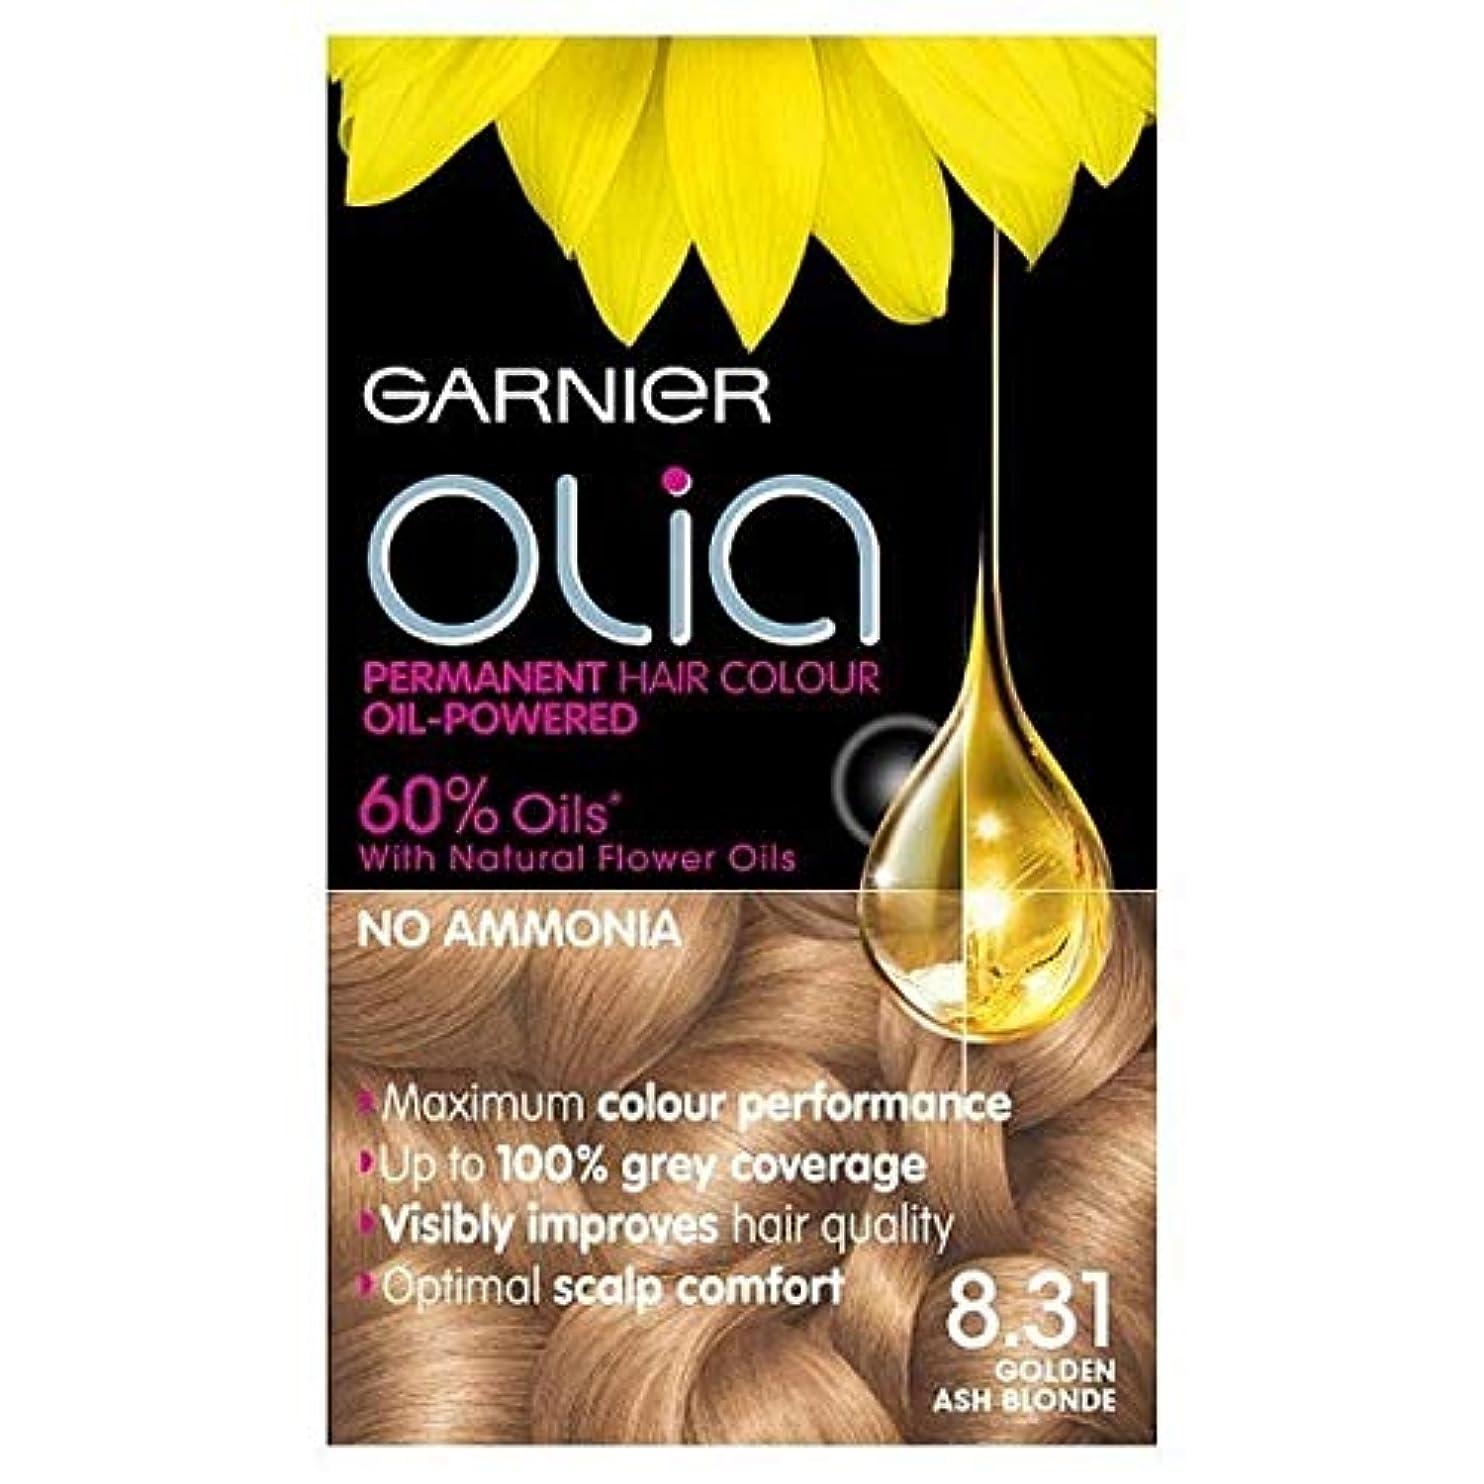 効能支出アピール[Garnier ] 永久染毛剤黄金の灰Oliaガルニエブロンド8.31 - Garnier Olia Permanent Hair Dye Golden Ash Blonde 8.31 [並行輸入品]